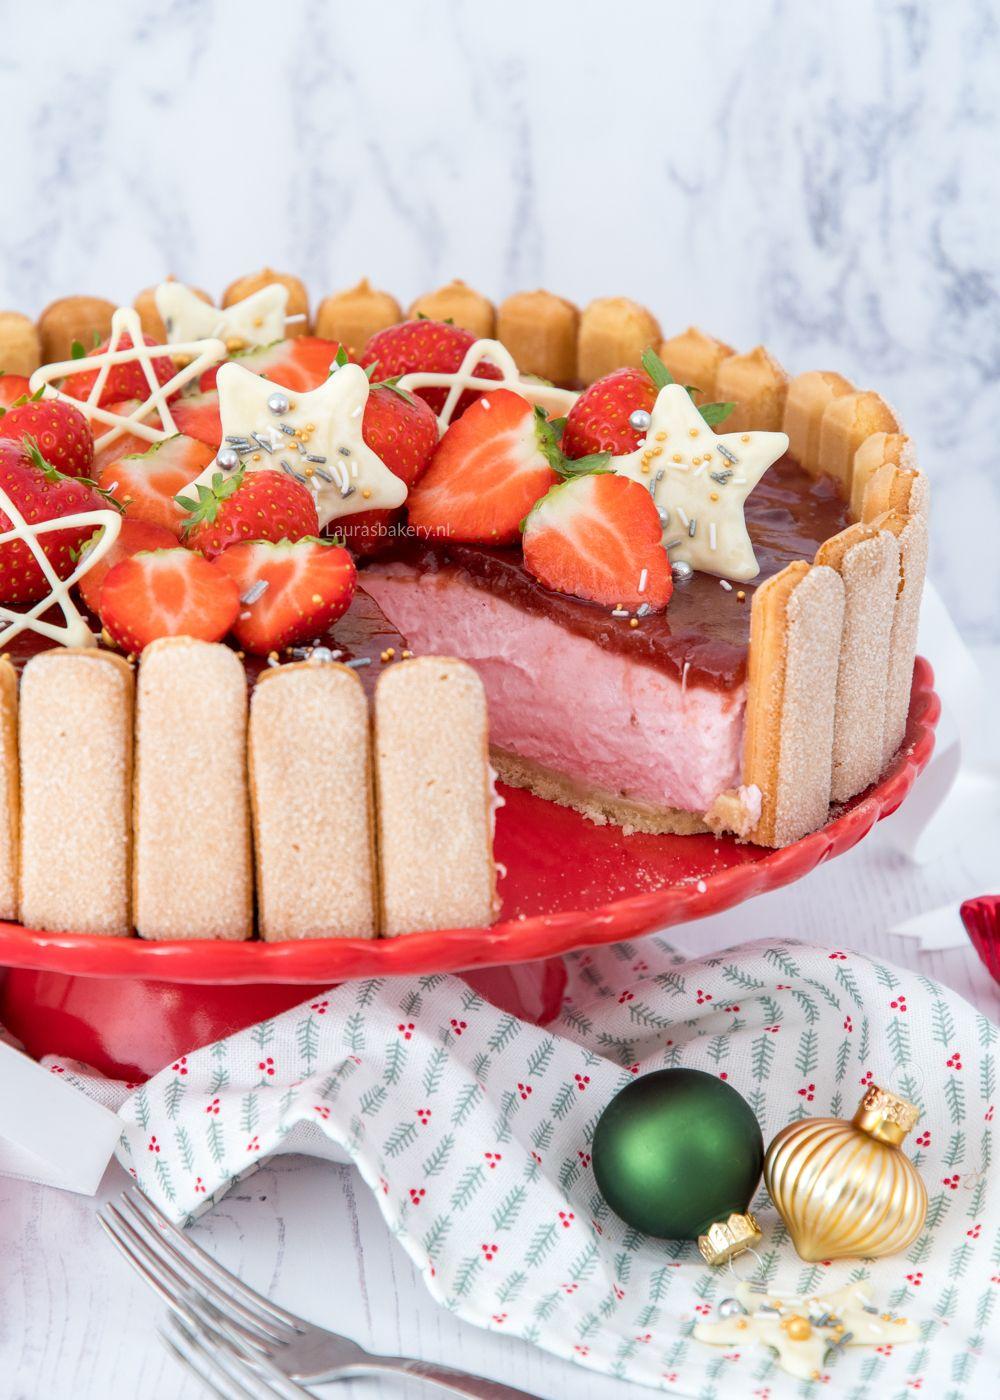 Charlotte taart met aardbeien